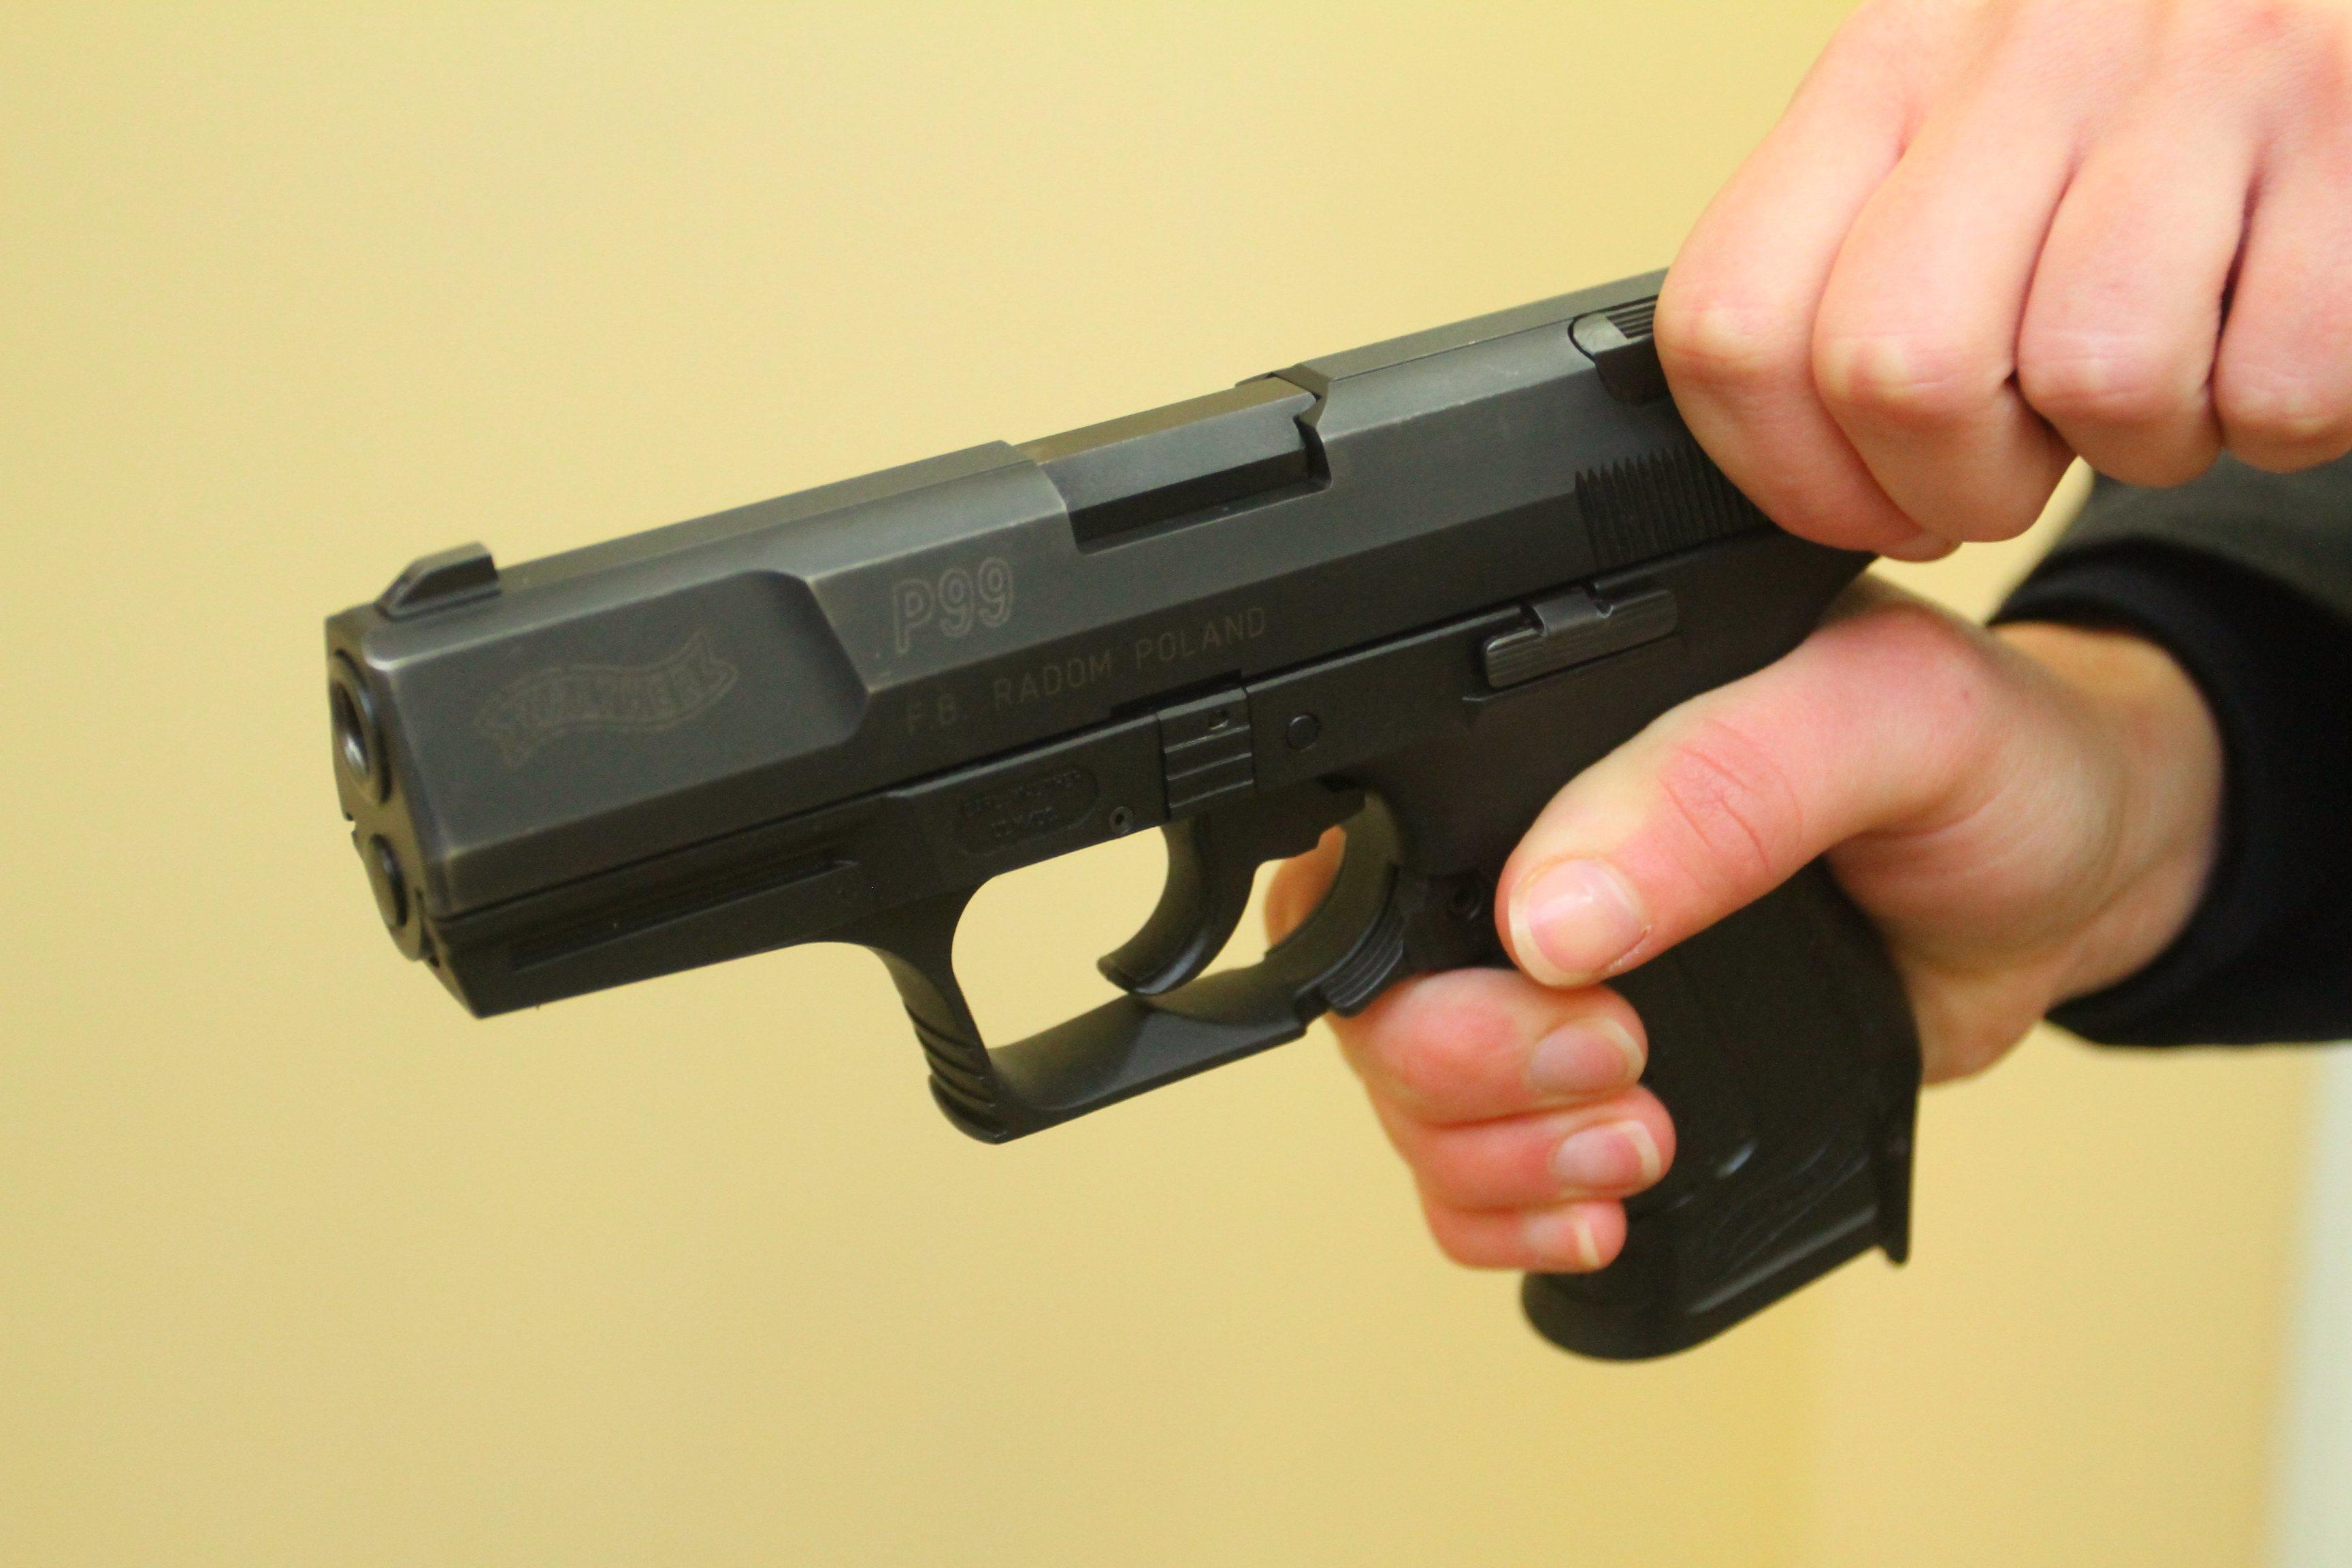 Полицейский застрелился прямо в участке в Бартошицах